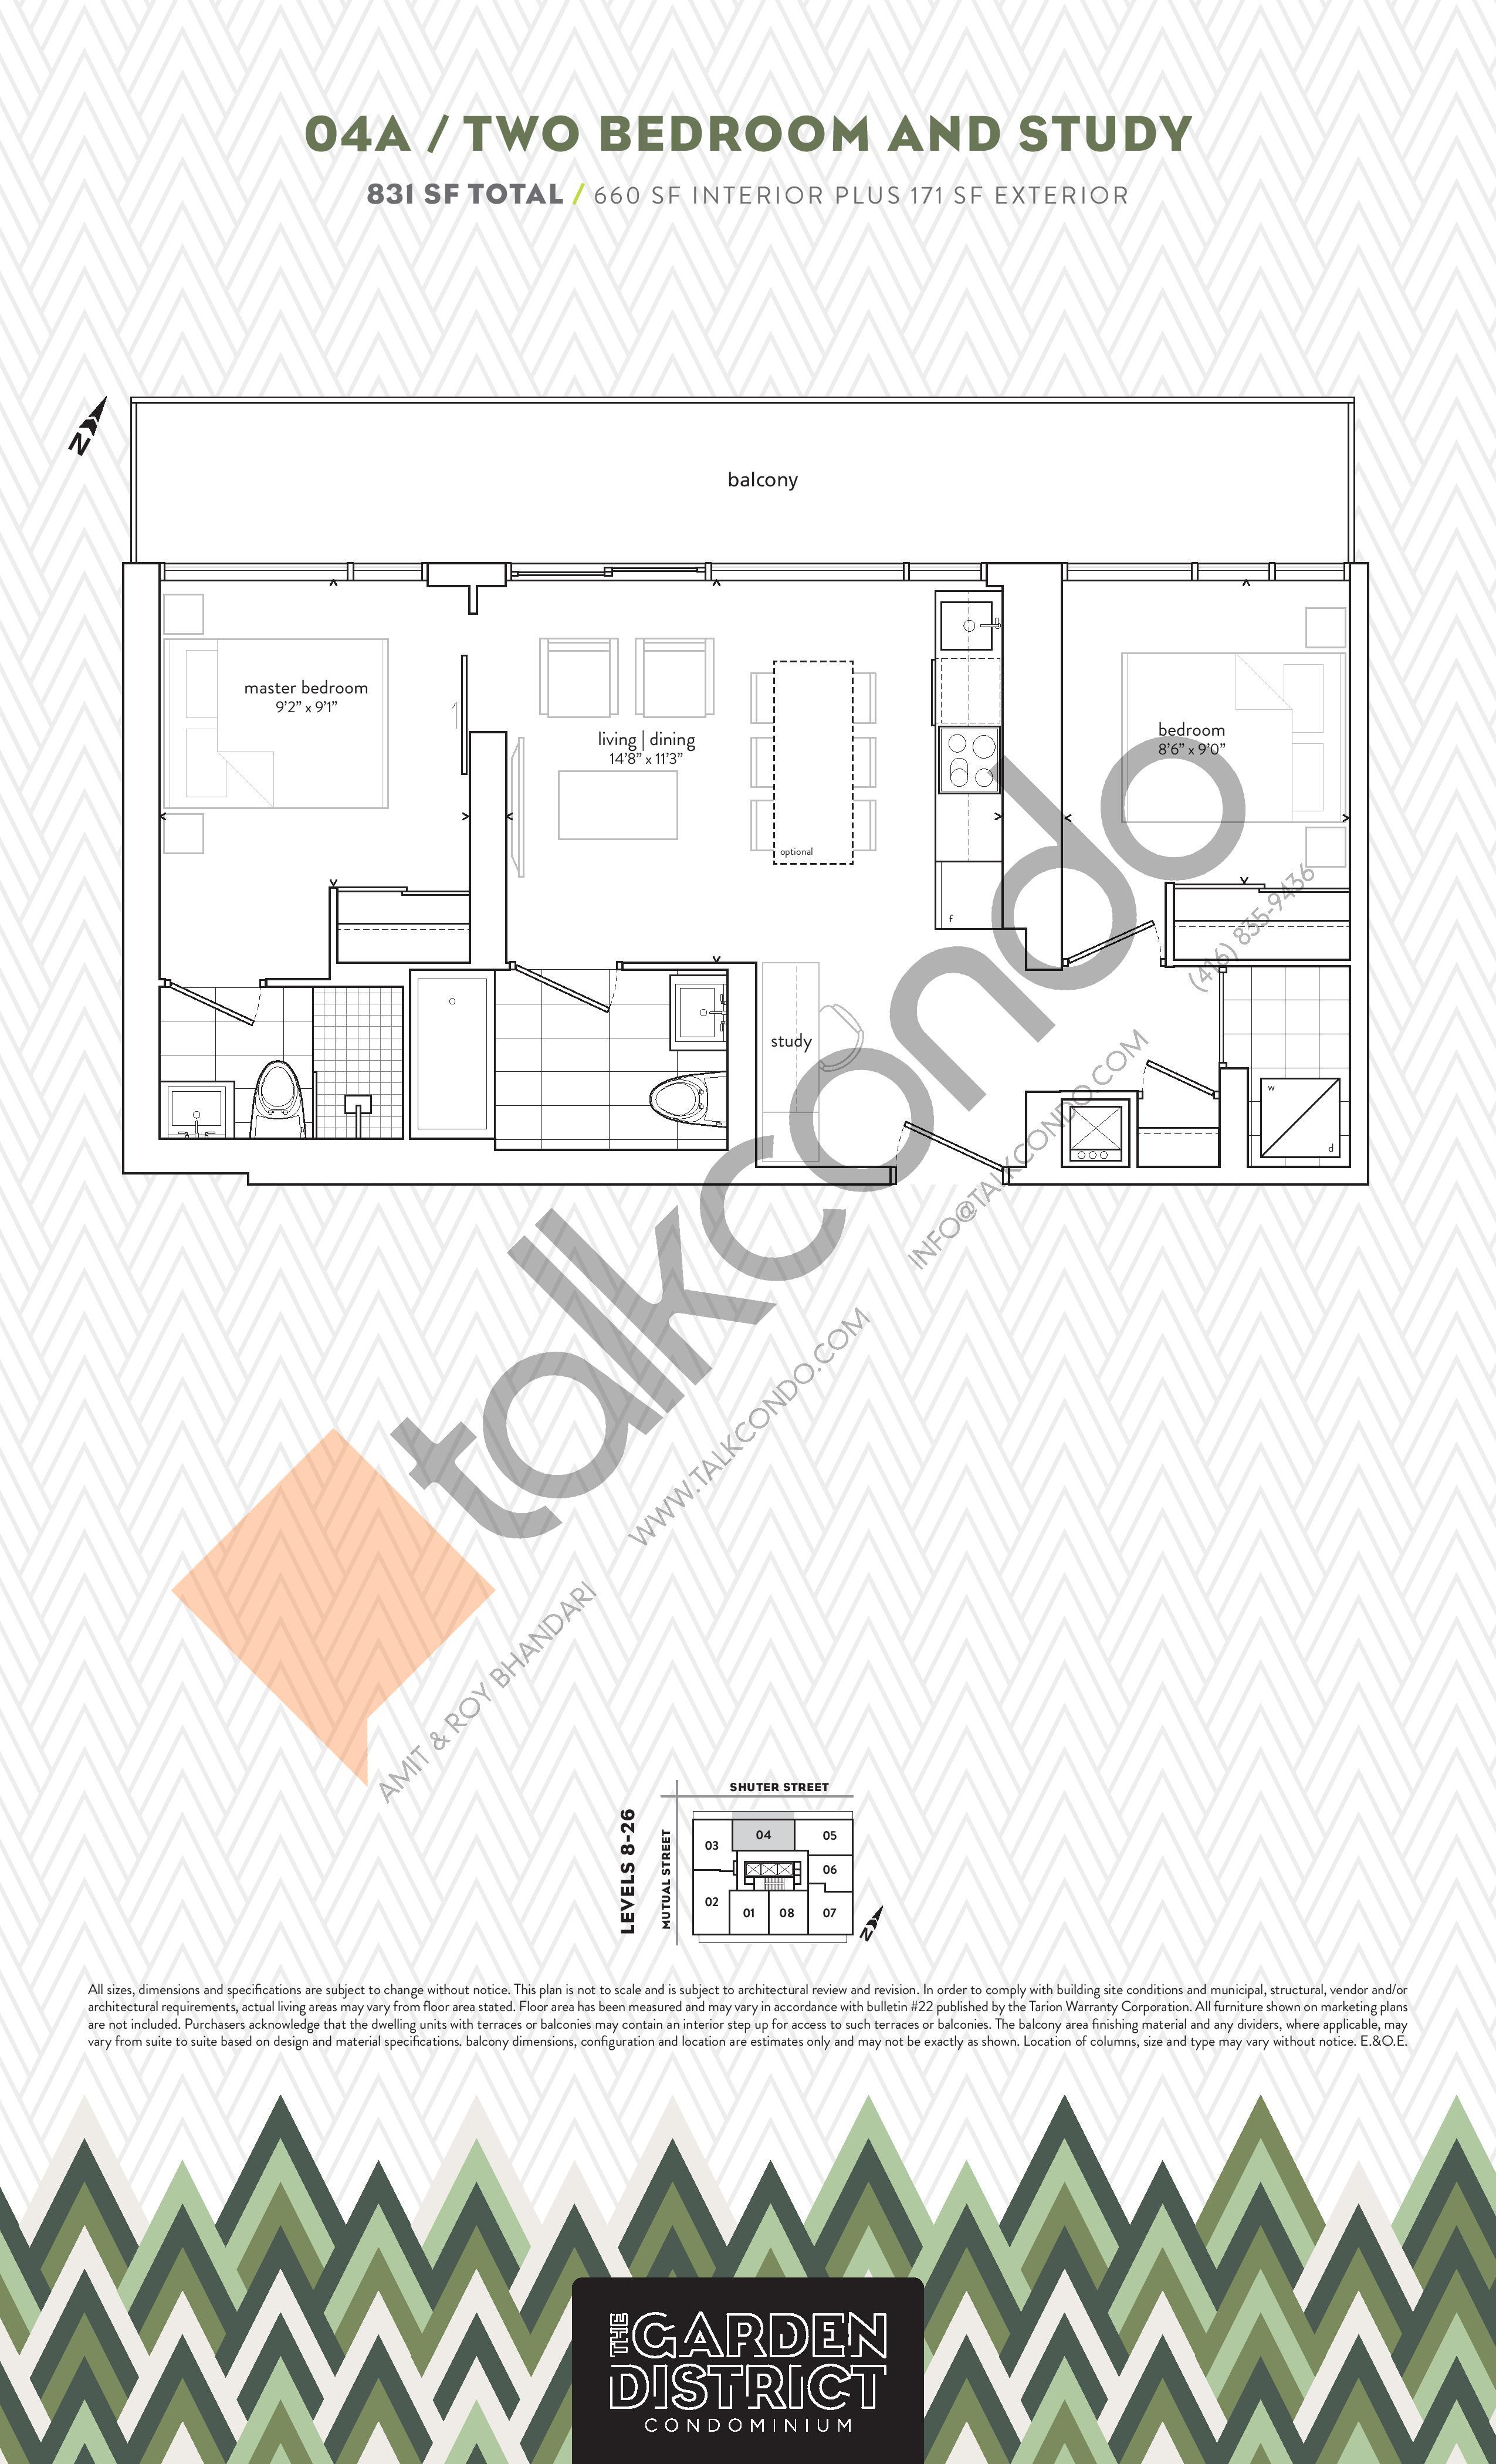 04A Floor Plan at Garden District Condos - 660 sq.ft